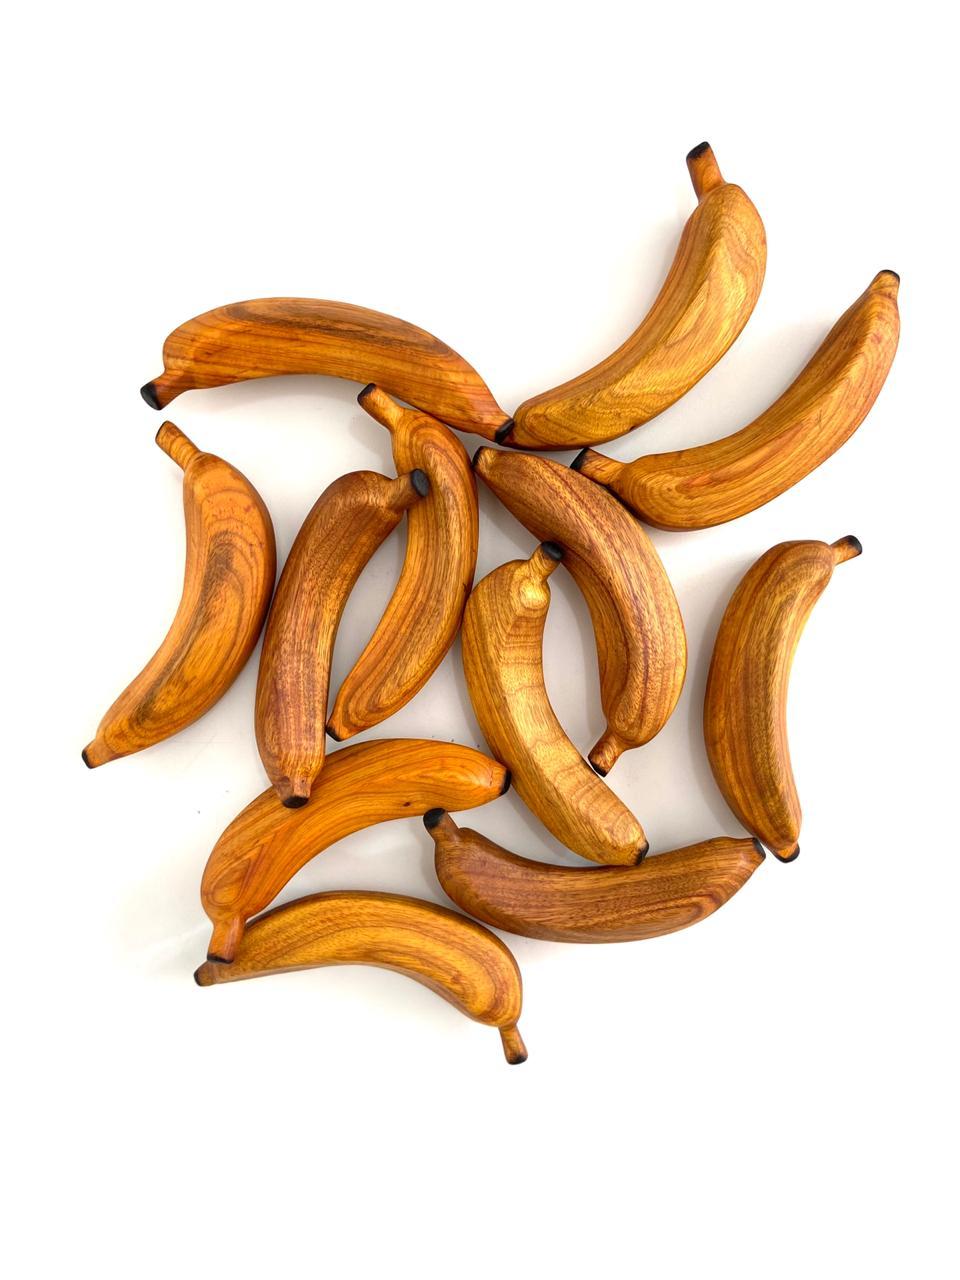 Banana Duzia 01